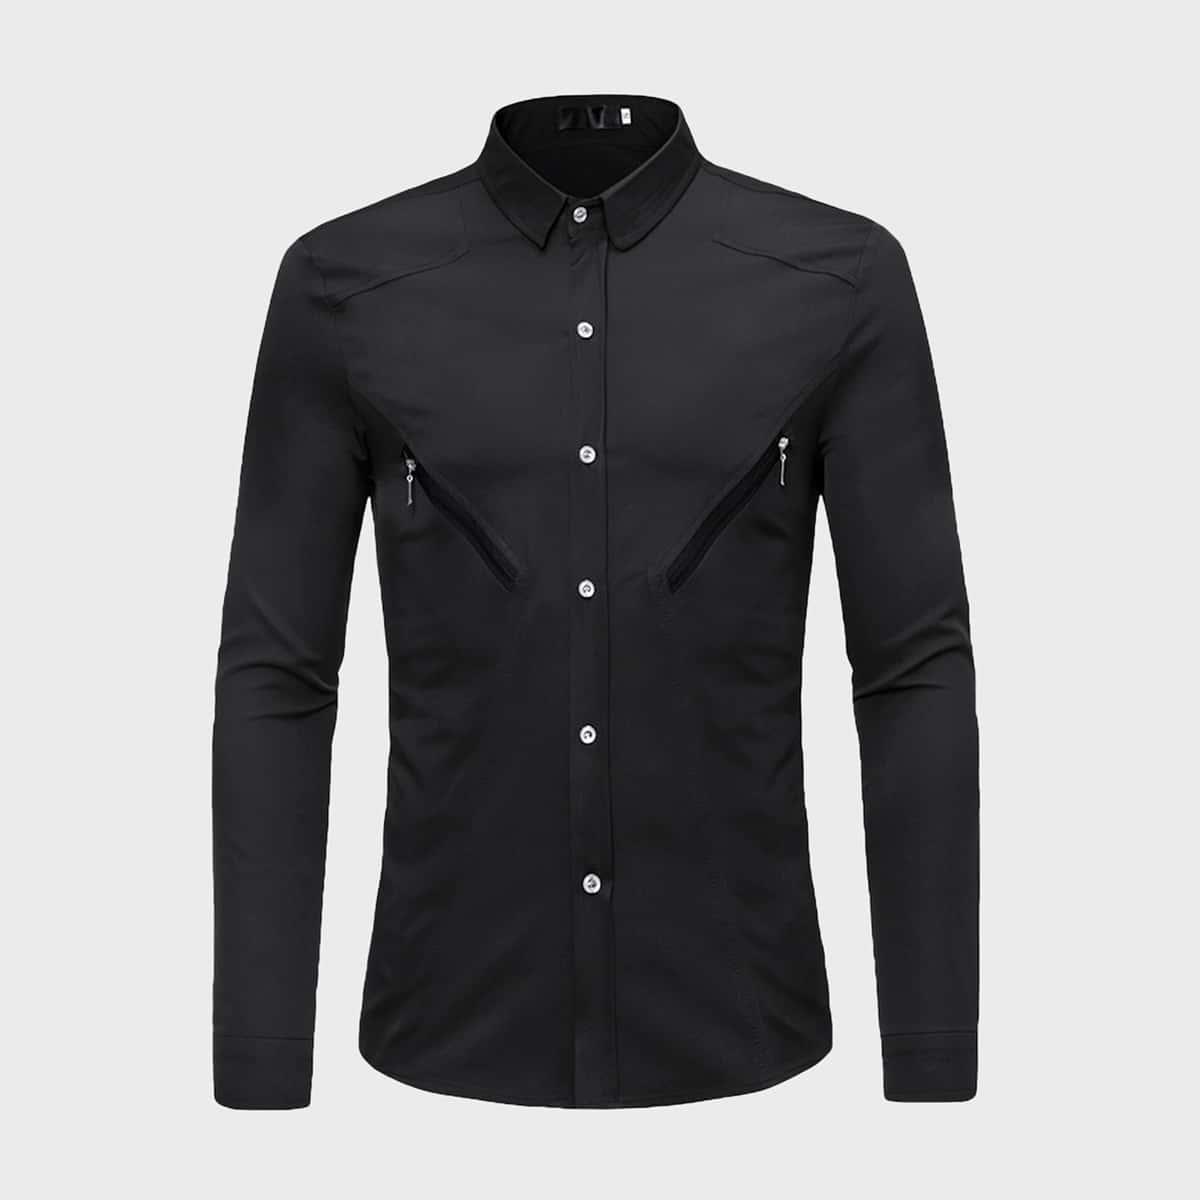 Мужская рубашка с пуговицами и молнией